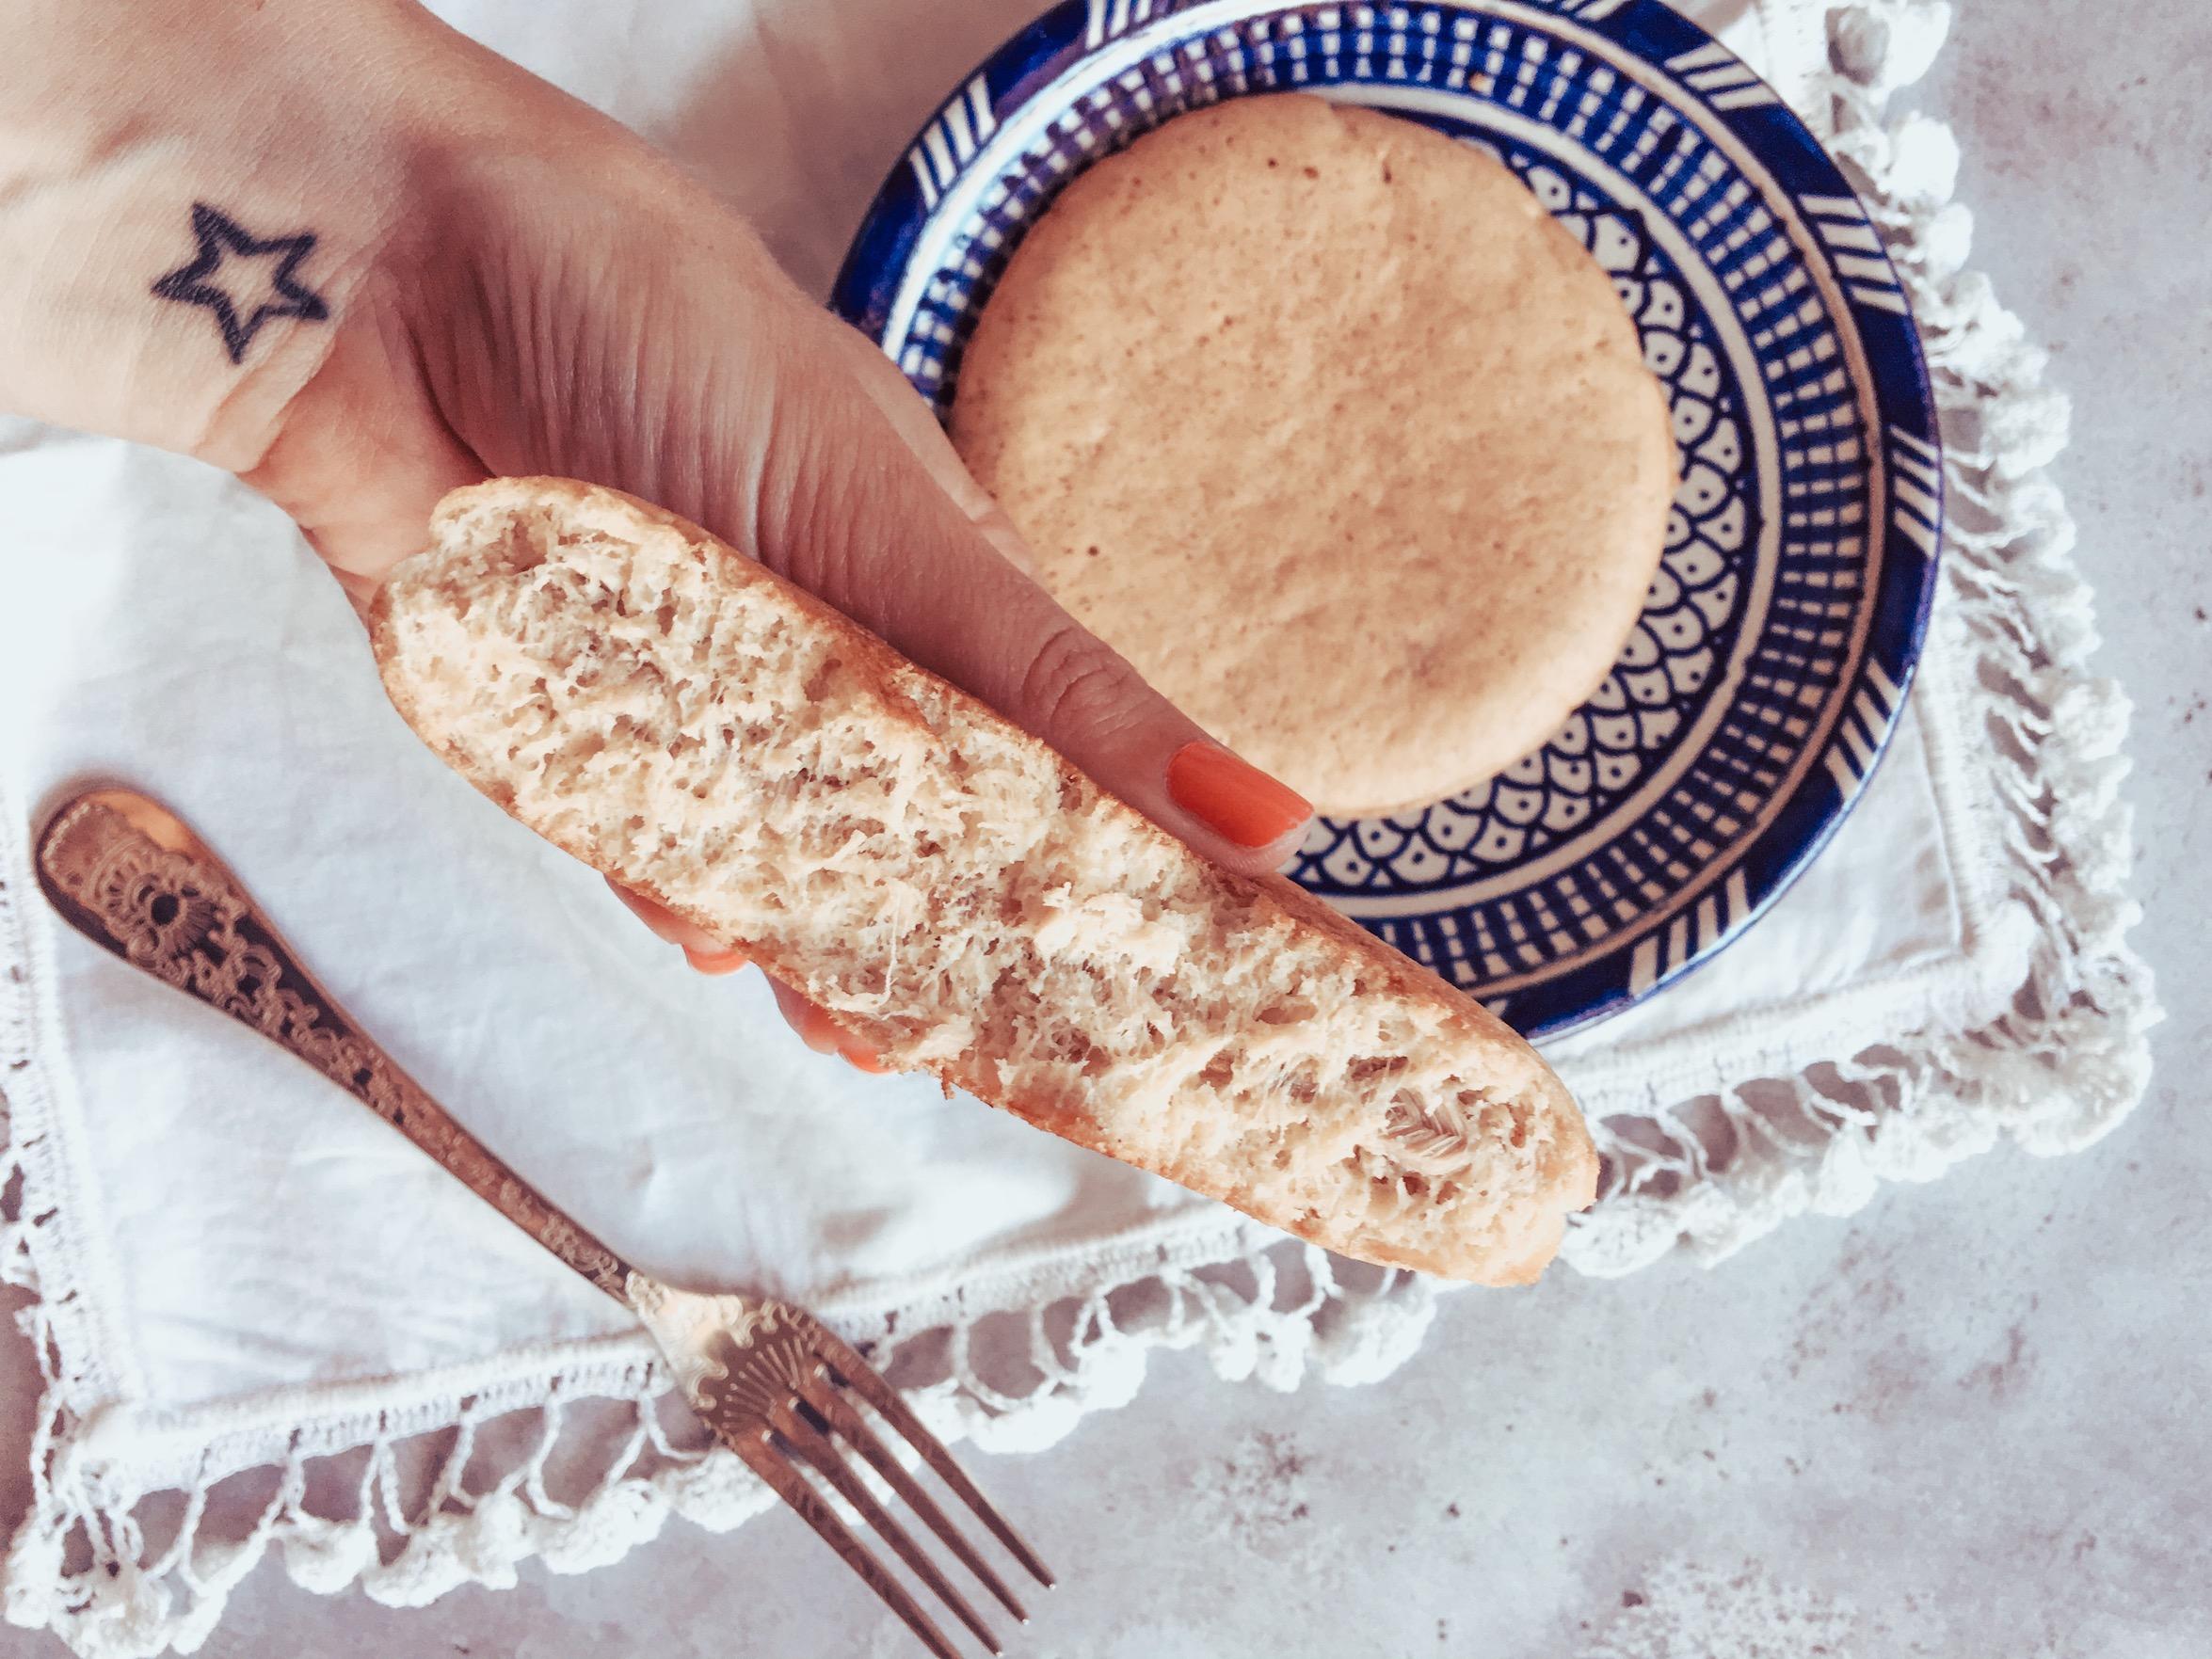 Des pancakes au thon, riche en protéines, c'est un repas équilibré pour toutes celles qui souhaitent garder la ligne. C'est un exemple de plat sain parmi tant d'autres.